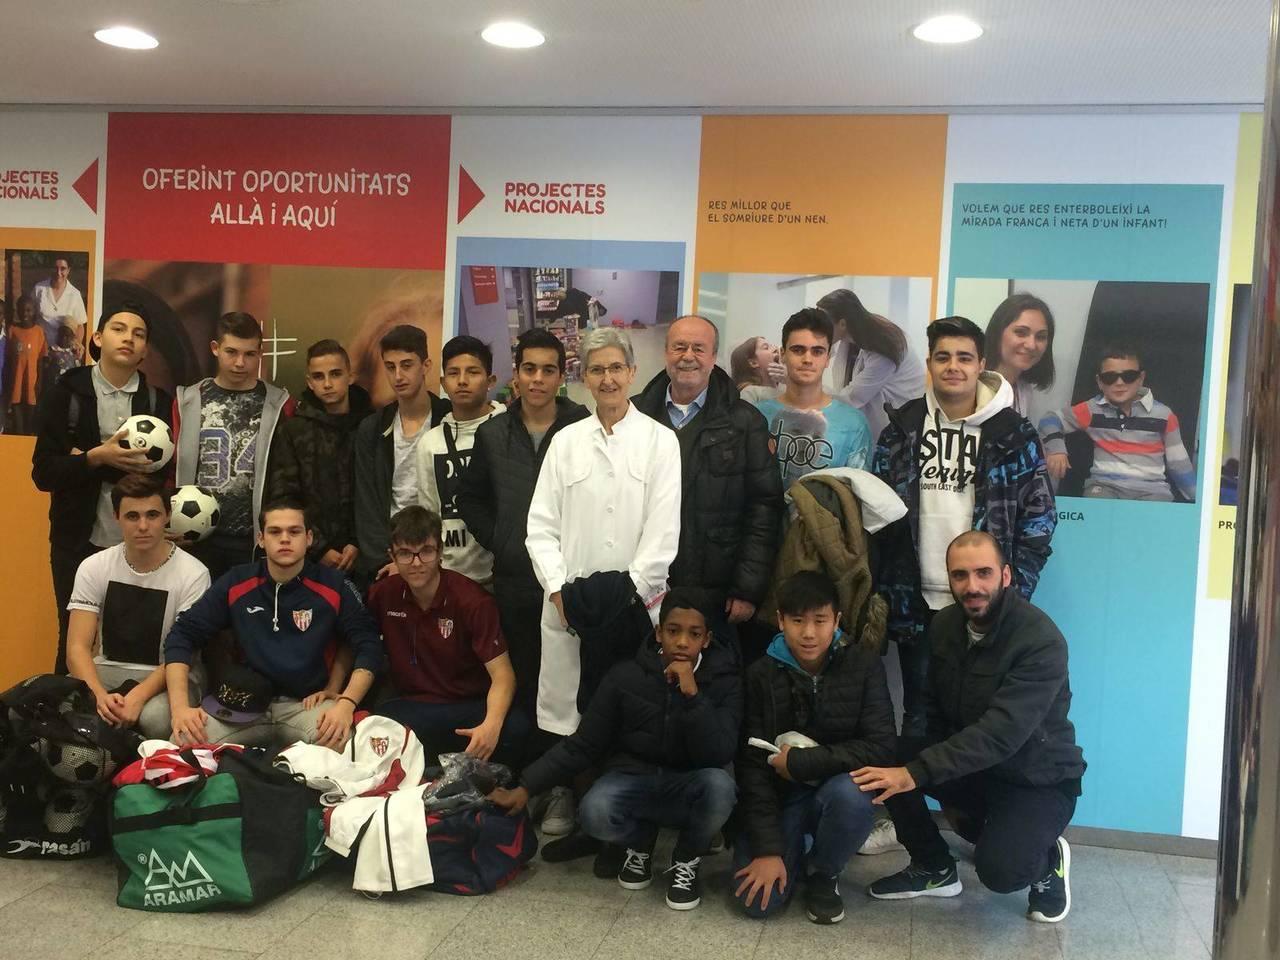 El dijous 15/12/2016 vam visitar l' Hospital de Nens de Barcelona